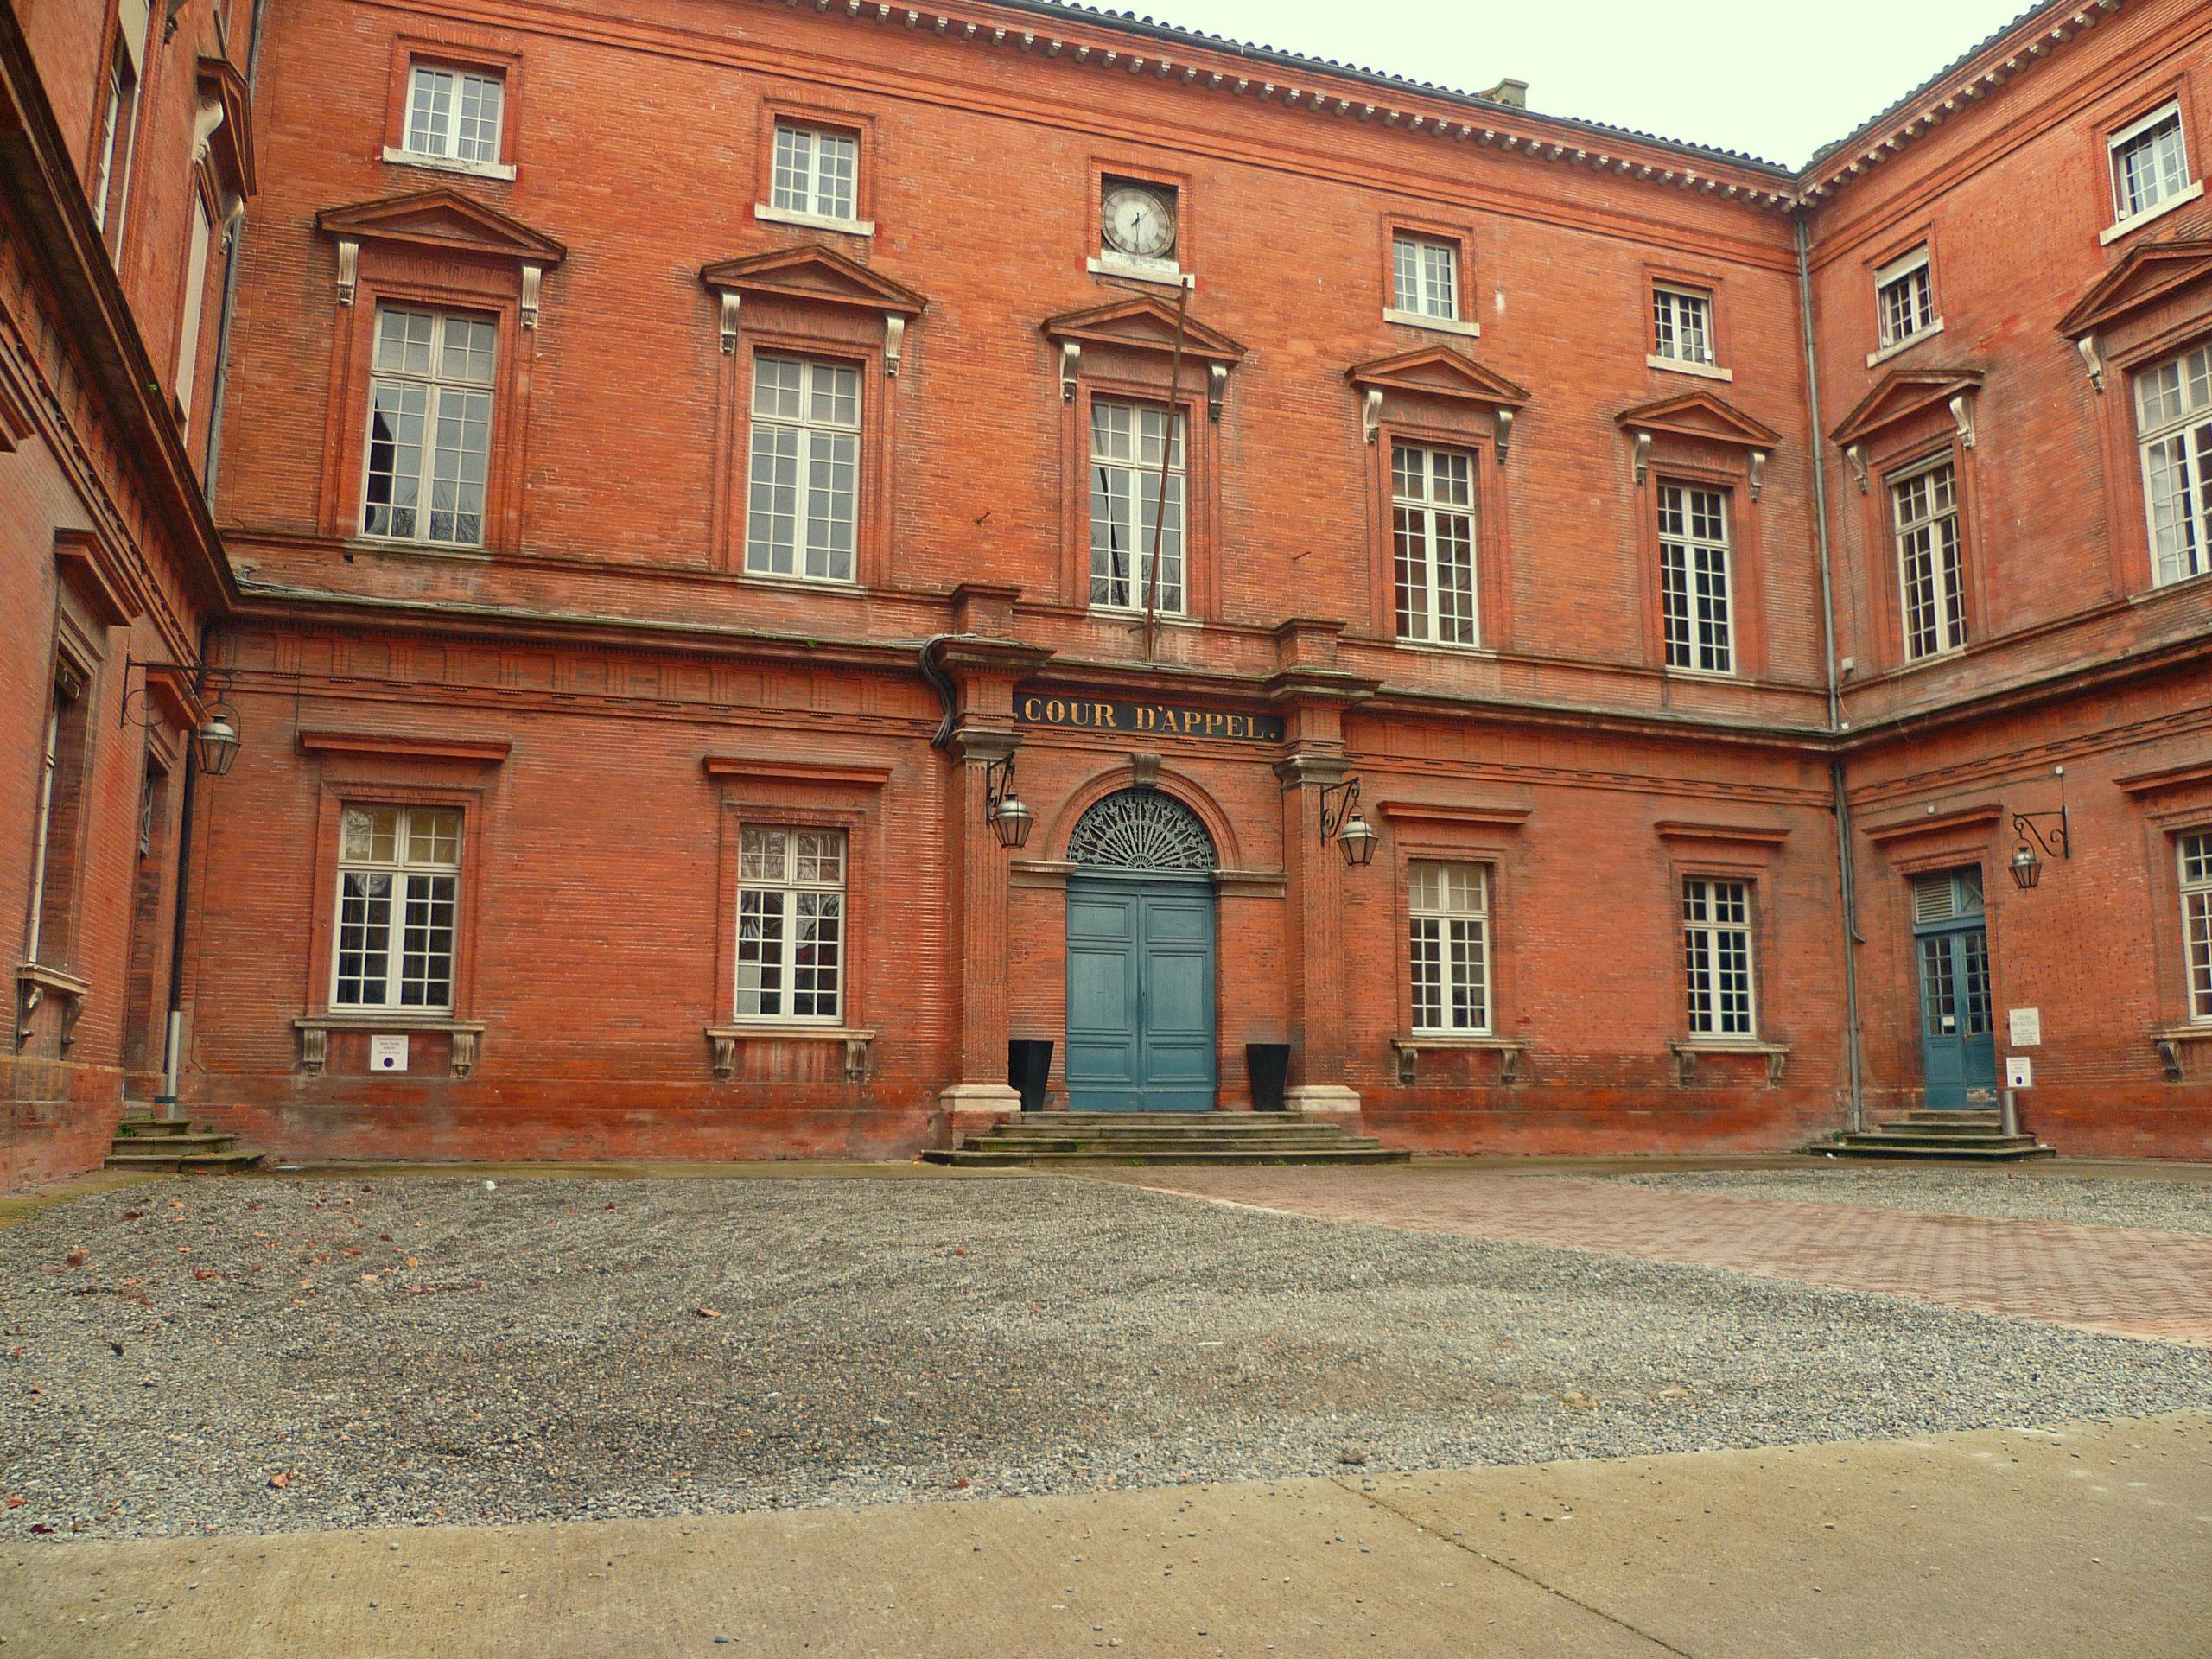 La cour d'appel de Toulouse a rendu son verdict après que le procureur général ait contesté la première décision